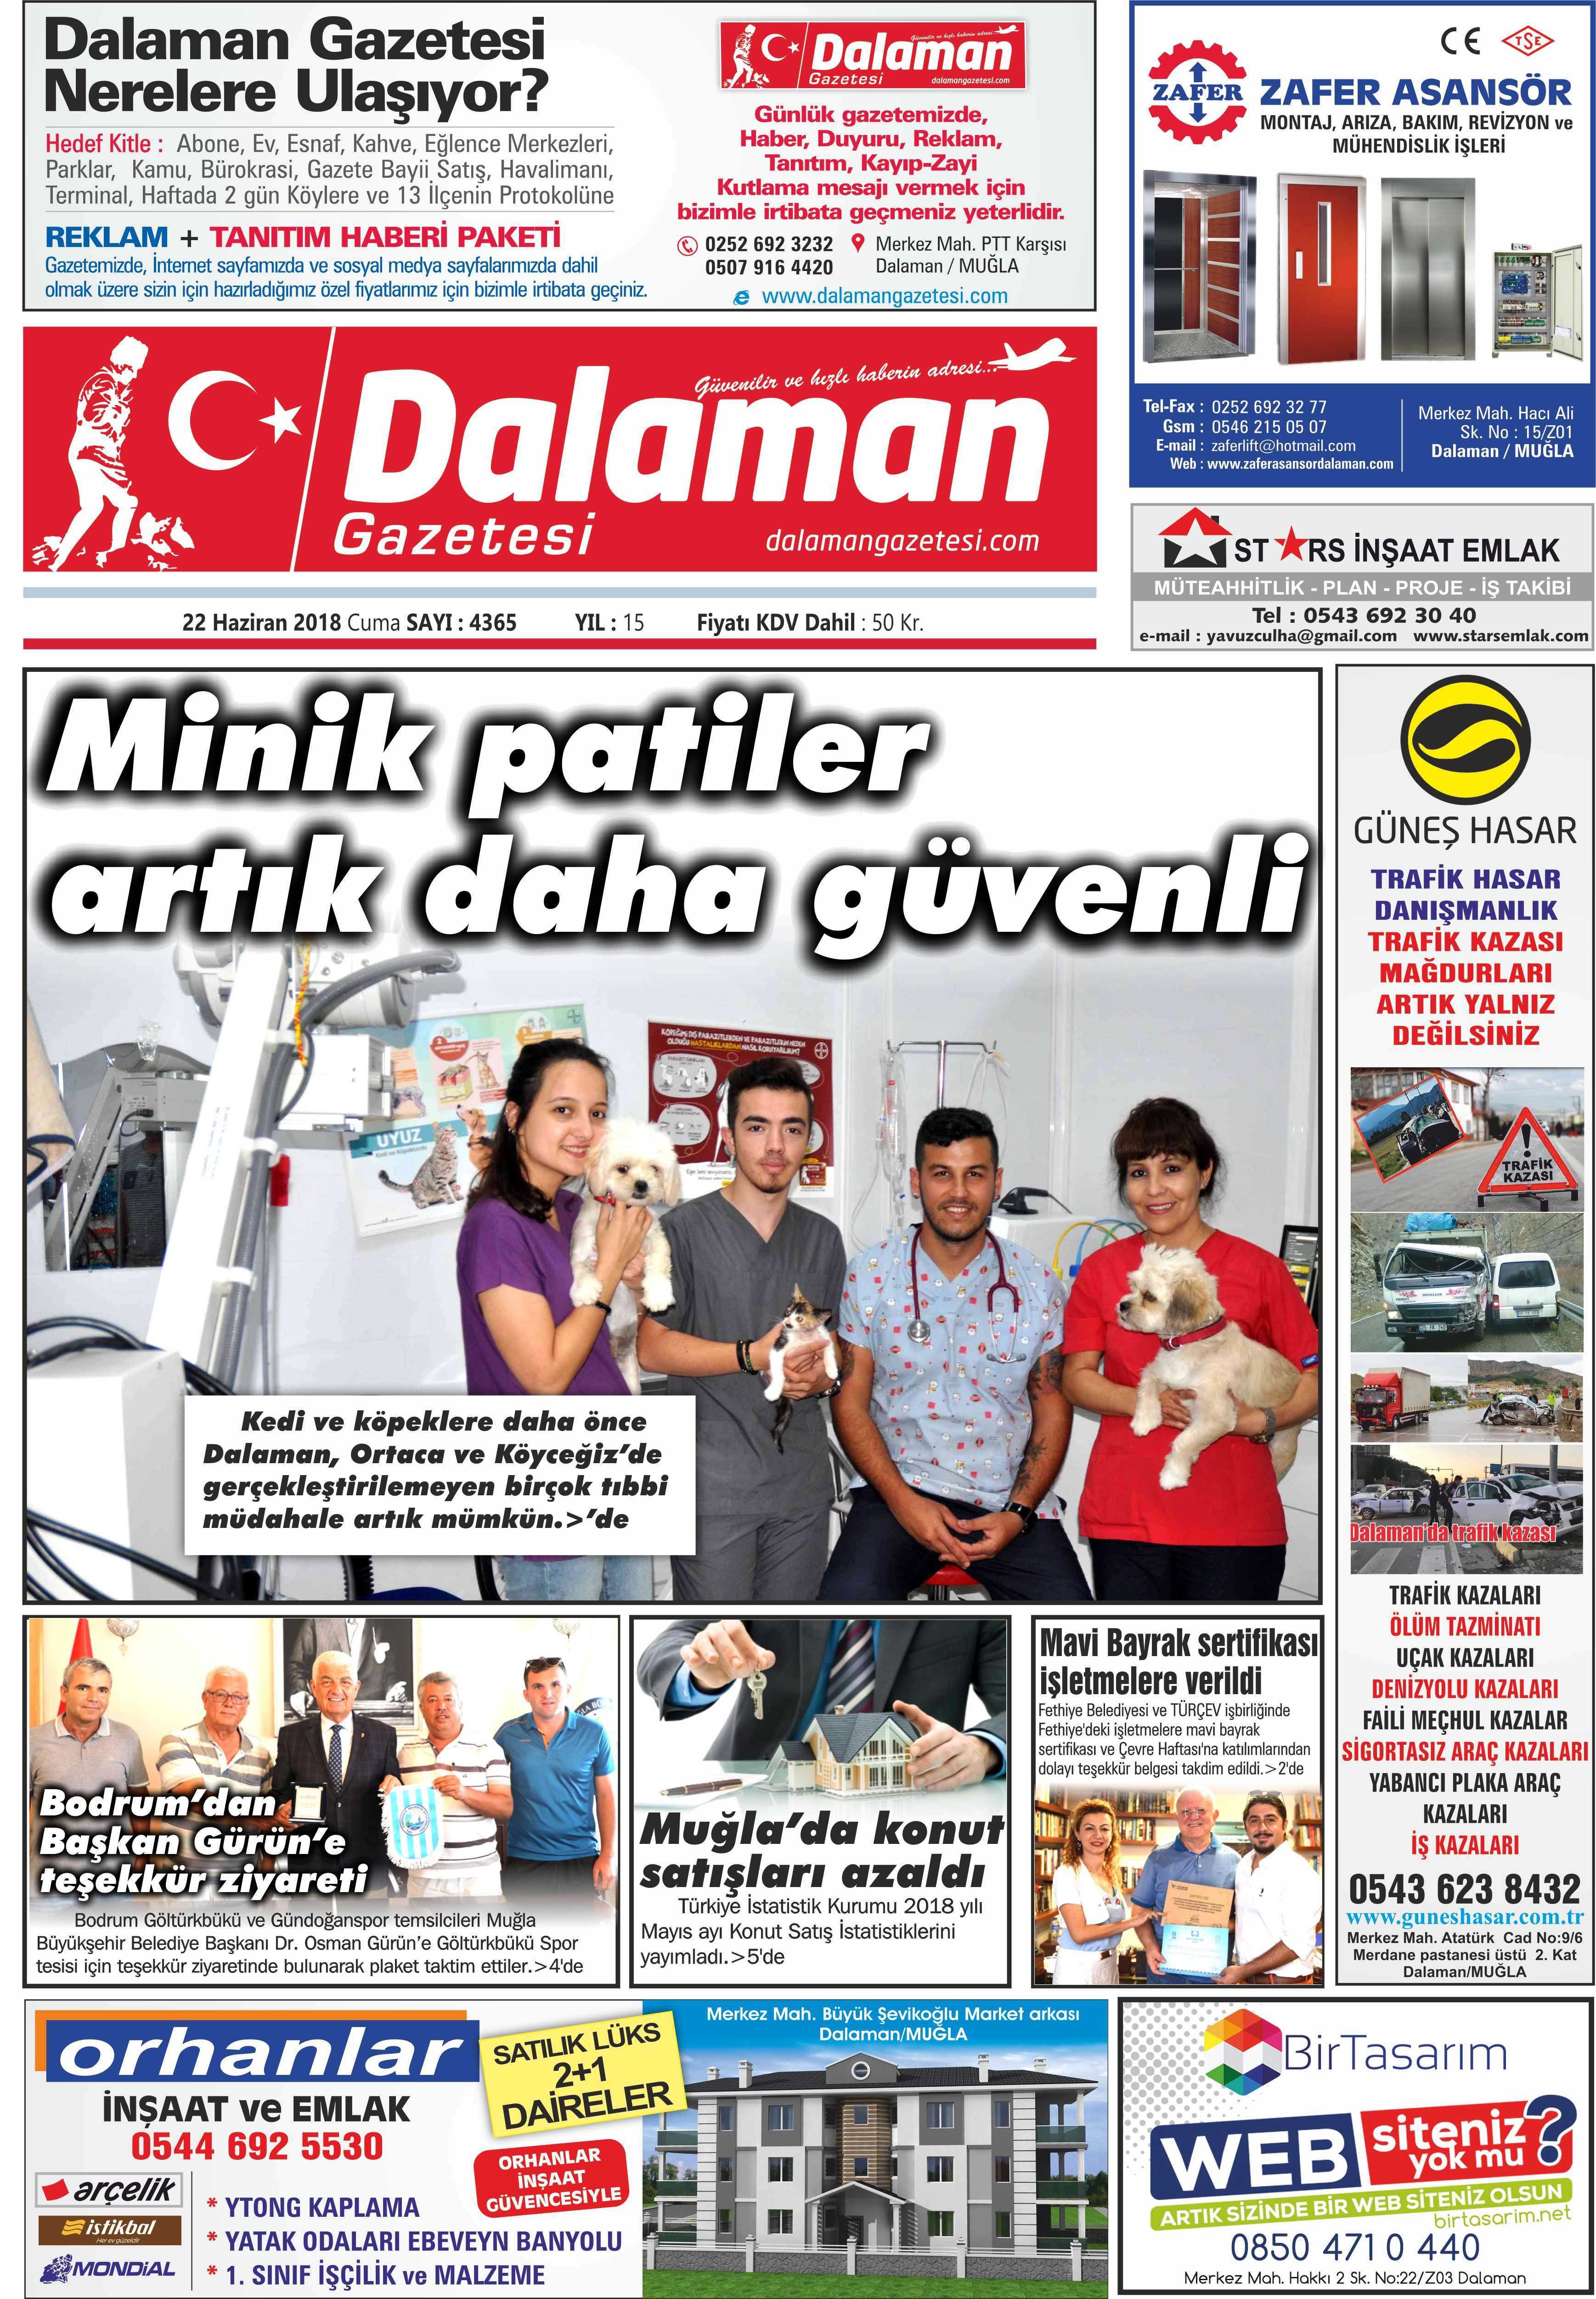 22.06.2018 0 - Dalaman Gazetesi'nden gündem başlıkları